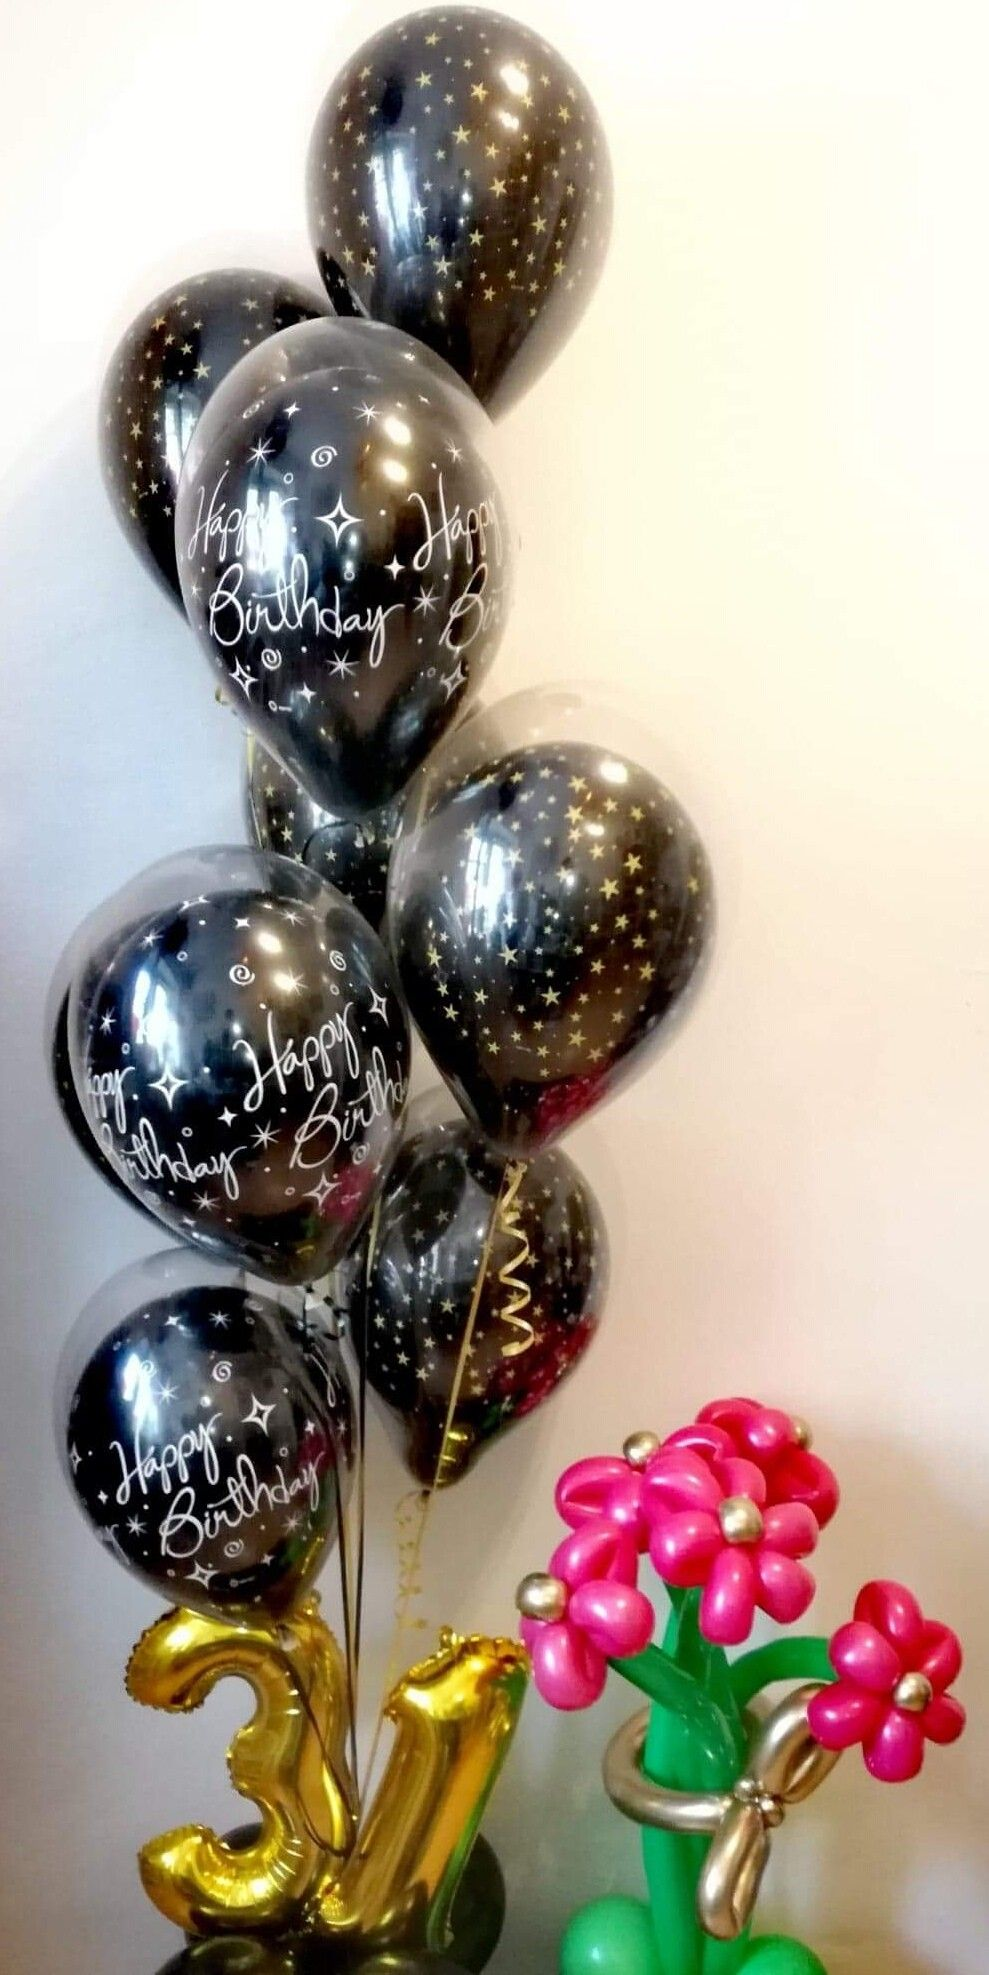 Najlepsze Polaczenie Na Urodzinowy Prezent To Balony I Kwiaty